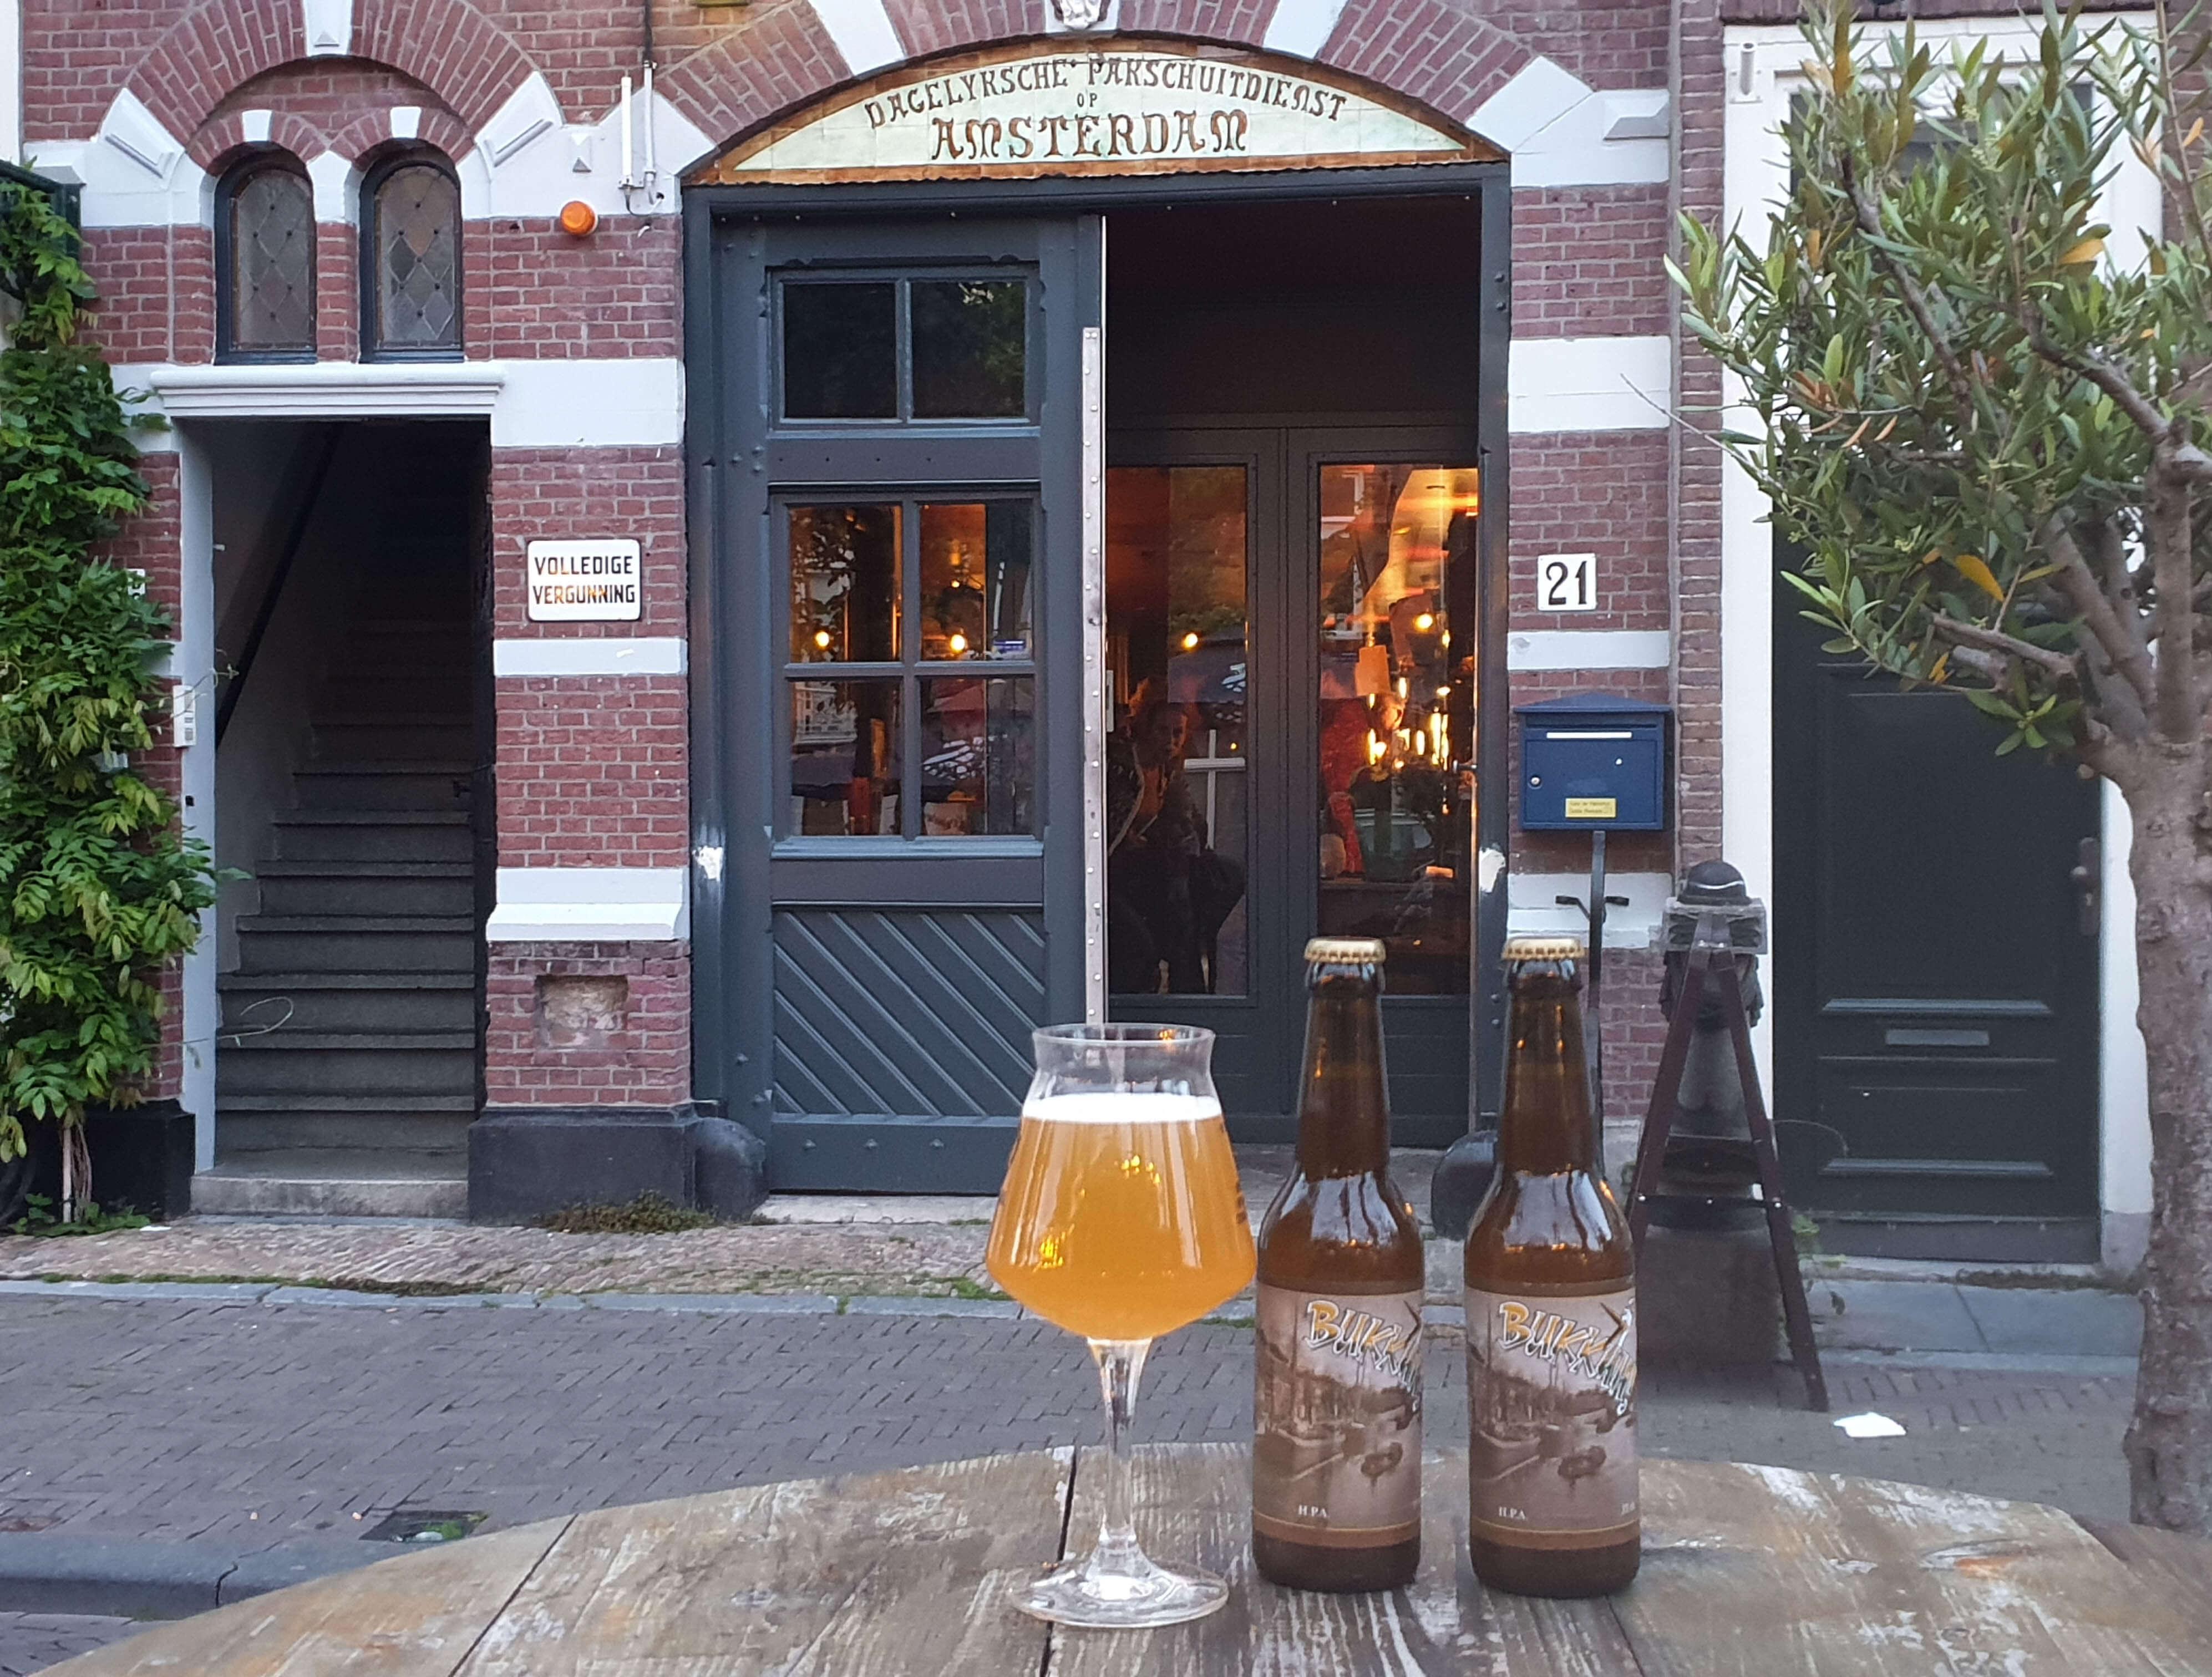 Haags bier